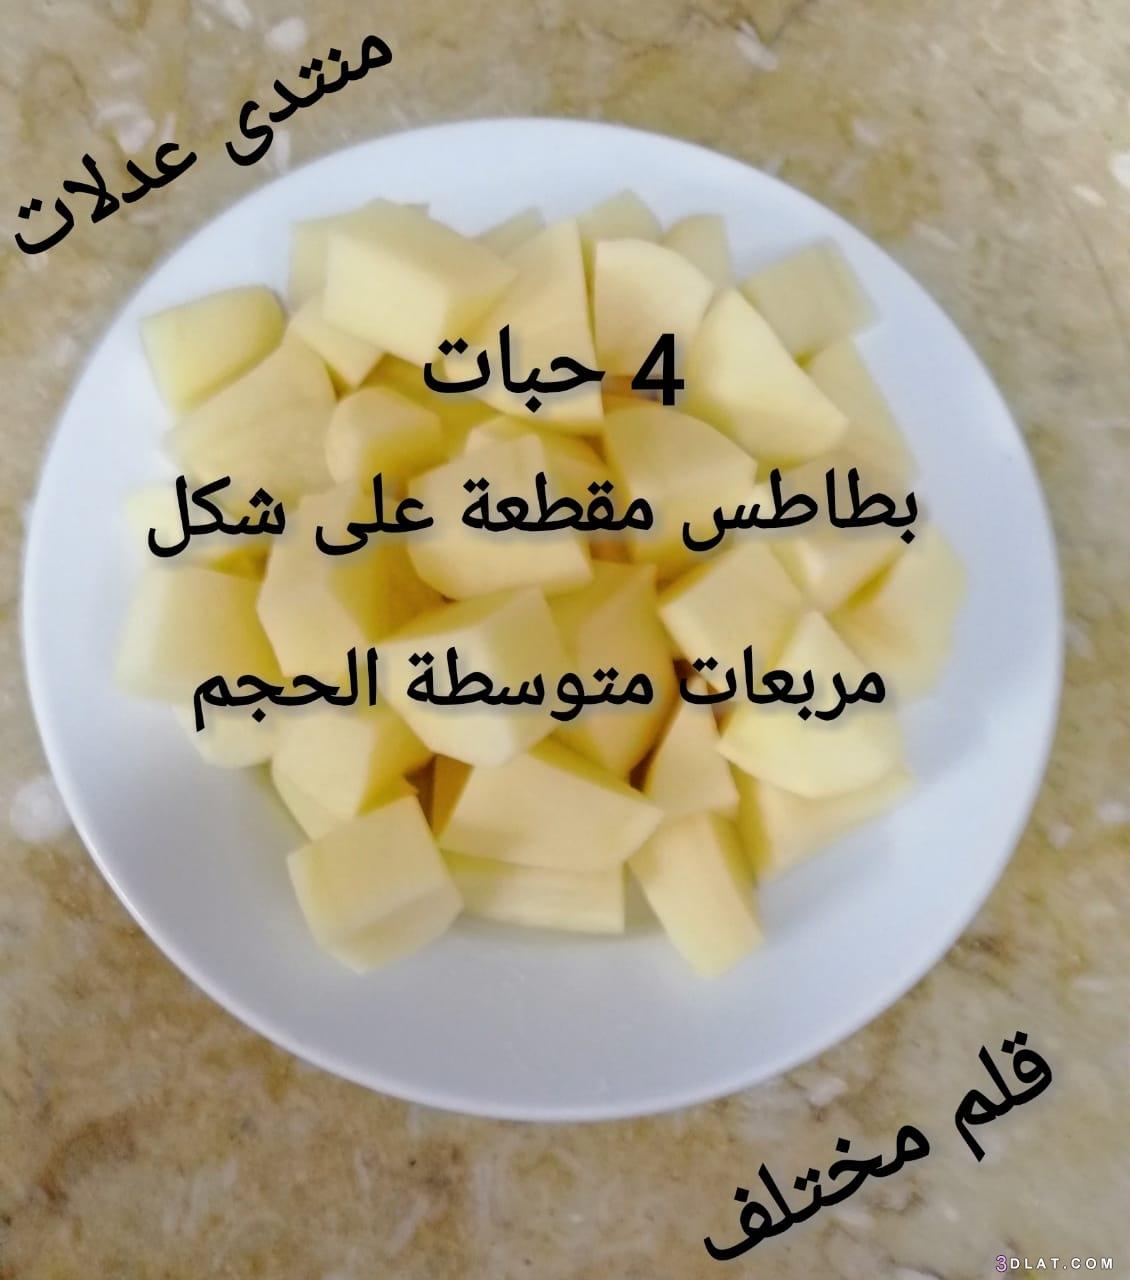 مطبخي ((قطع الدجاج الخضروات)) 3dlat.com_29_18_2155